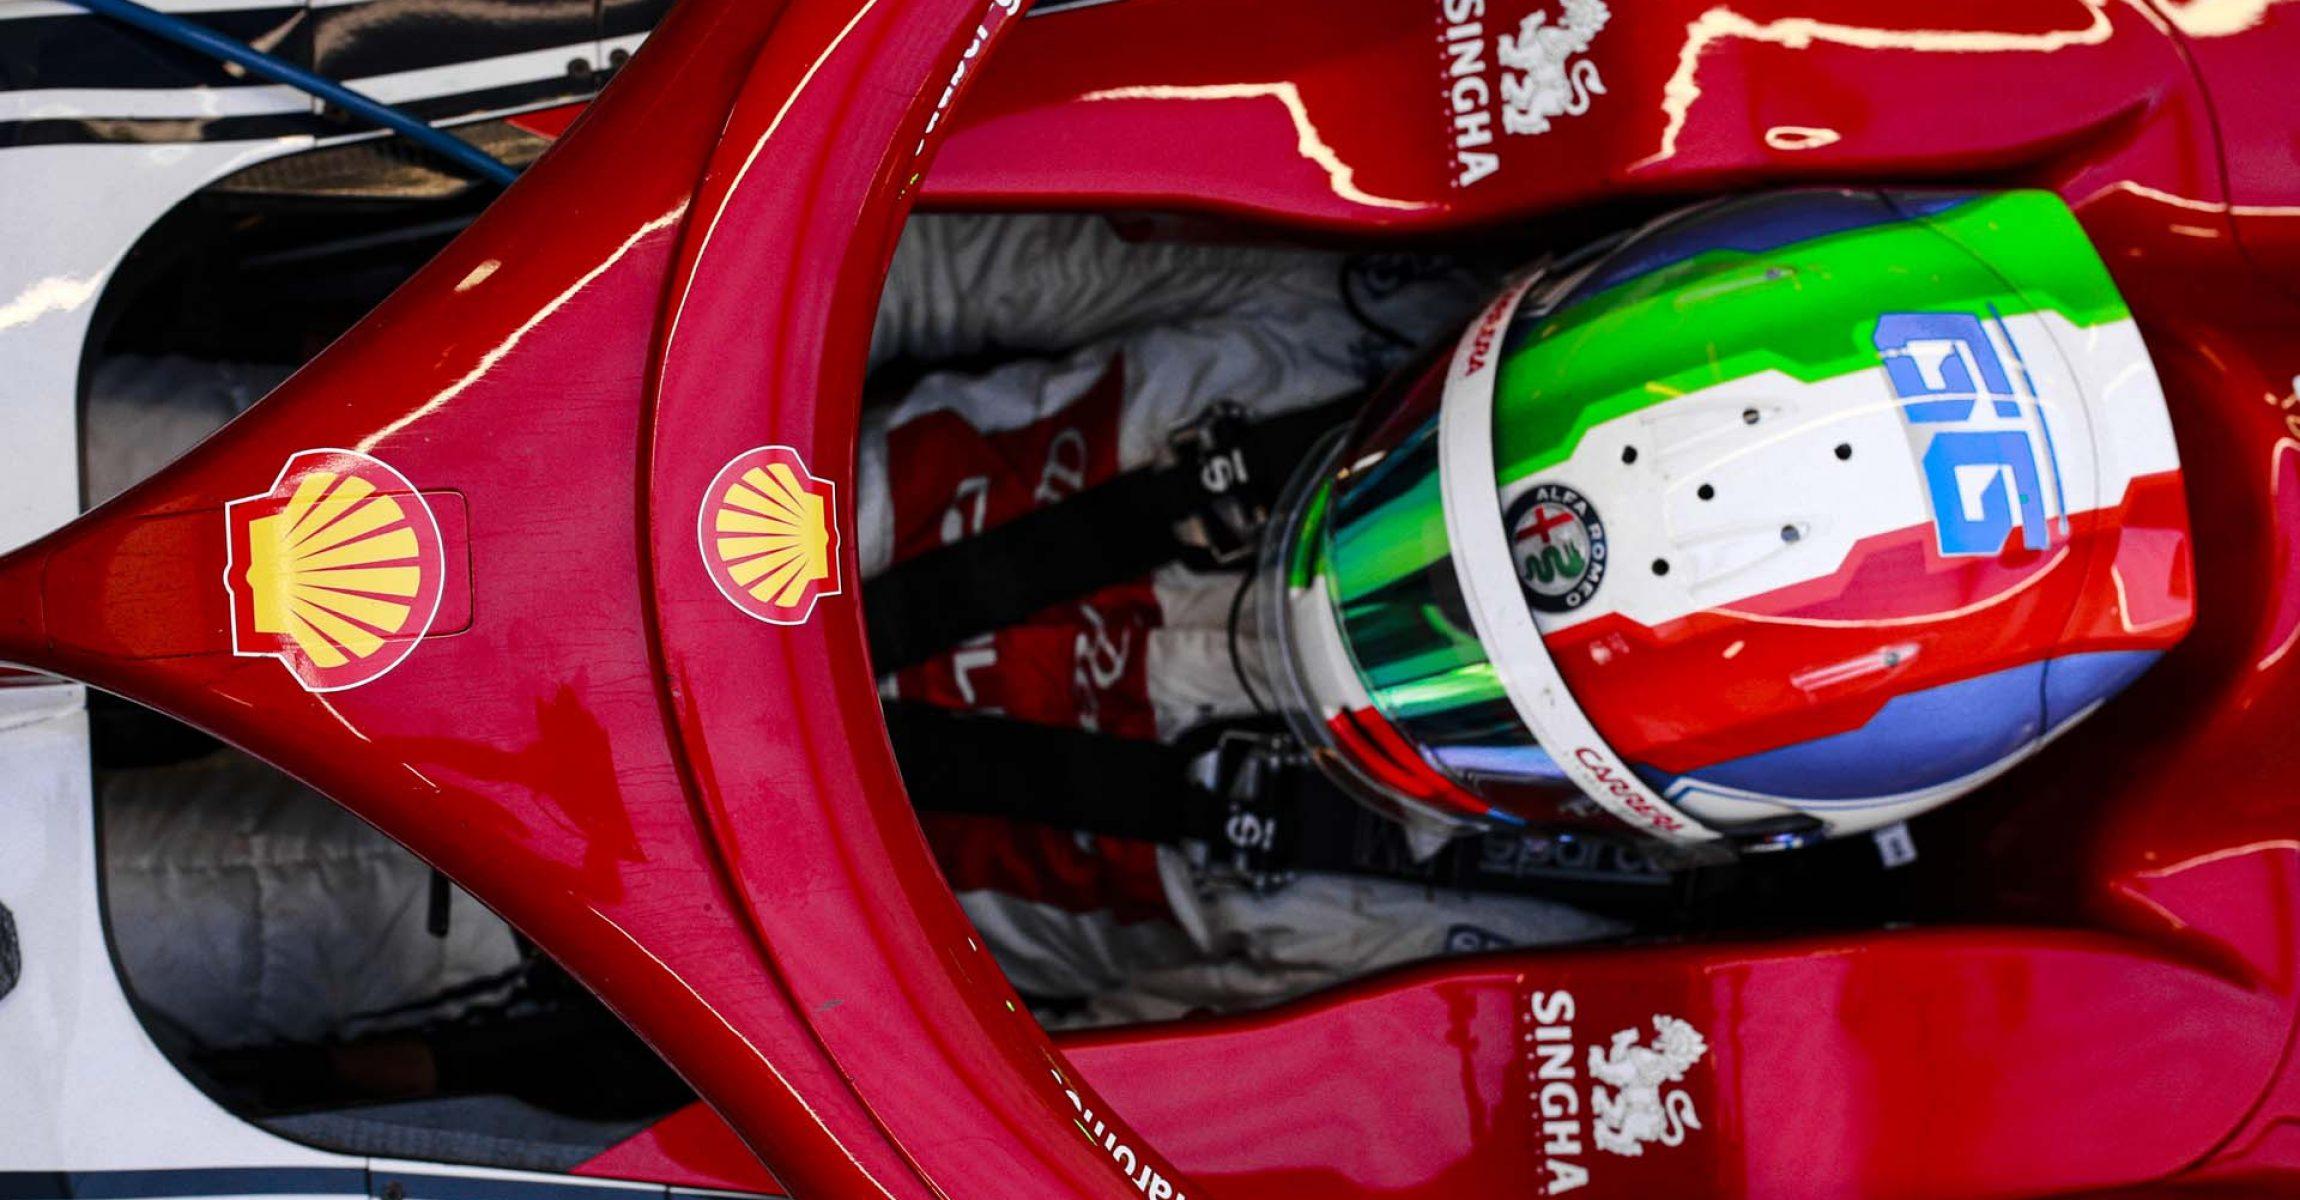 GIOVINAZZI Antonio (ita), Alfa Romeo Racing C38, portrait during the 2019 Formula One World Championship, Russia Grand Prix from September 26 to 29 in Sotchi, Russia - Photo Xavi Bonilla / DPPI